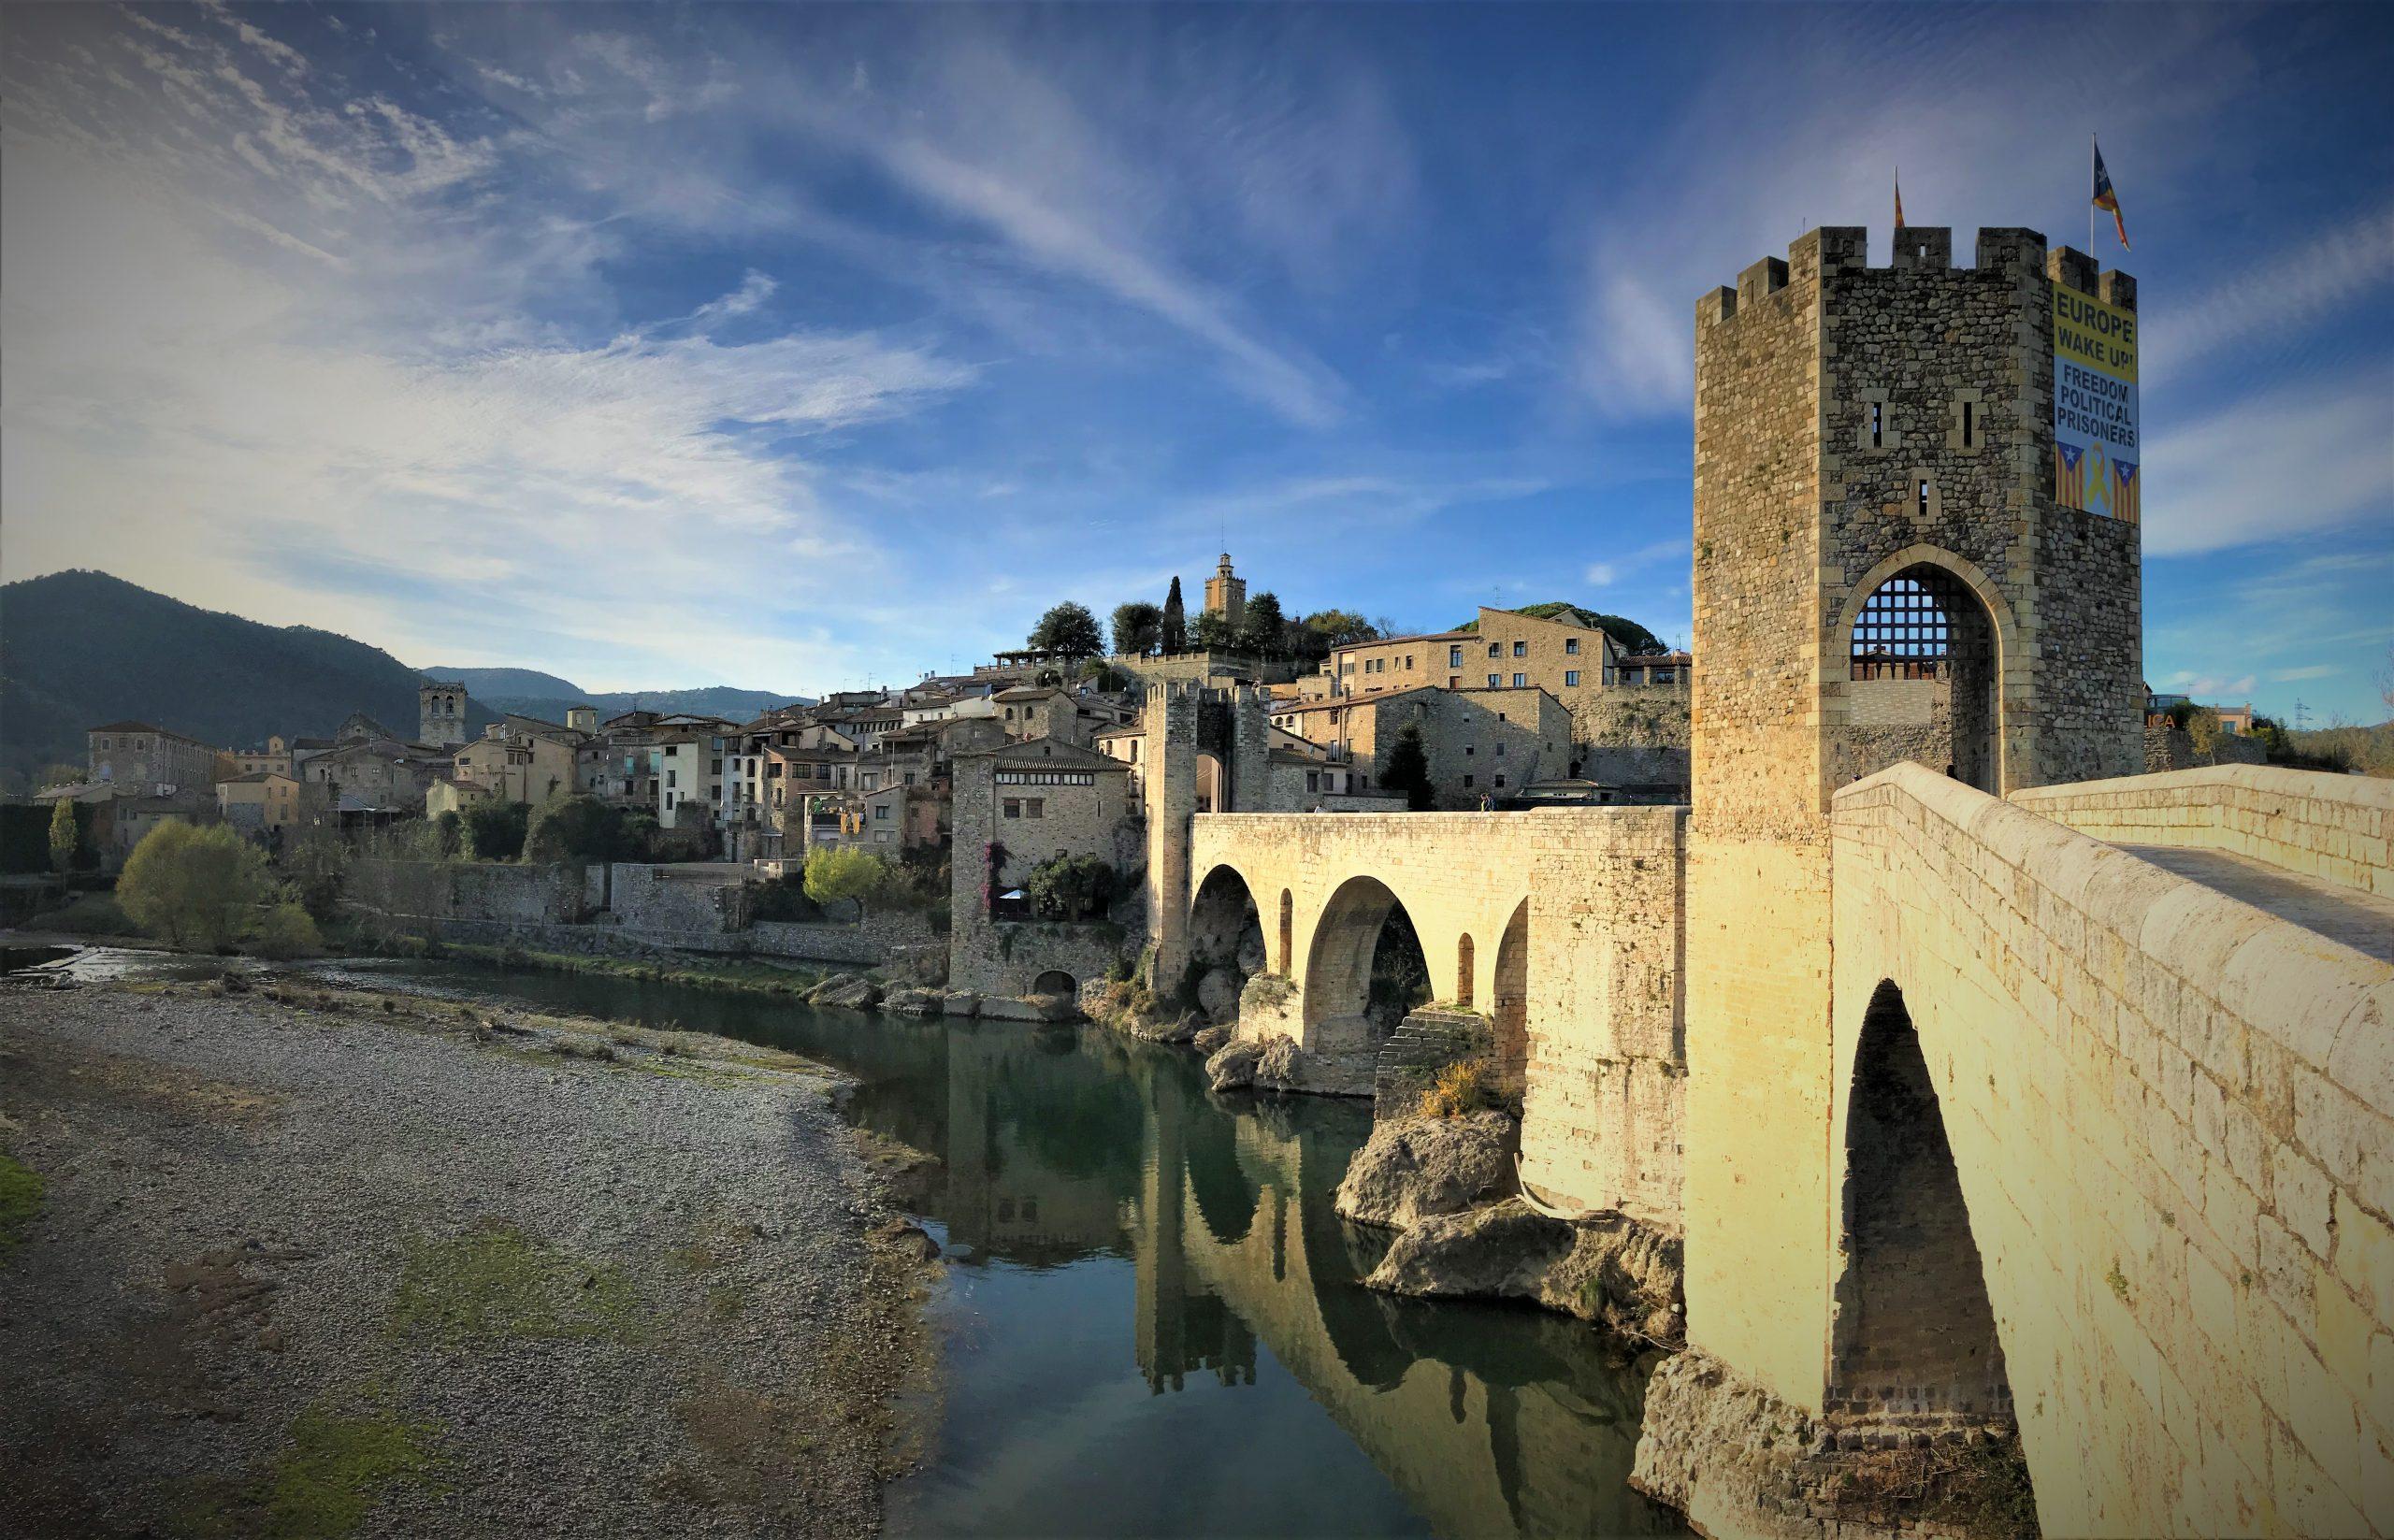 pont vell de besalù